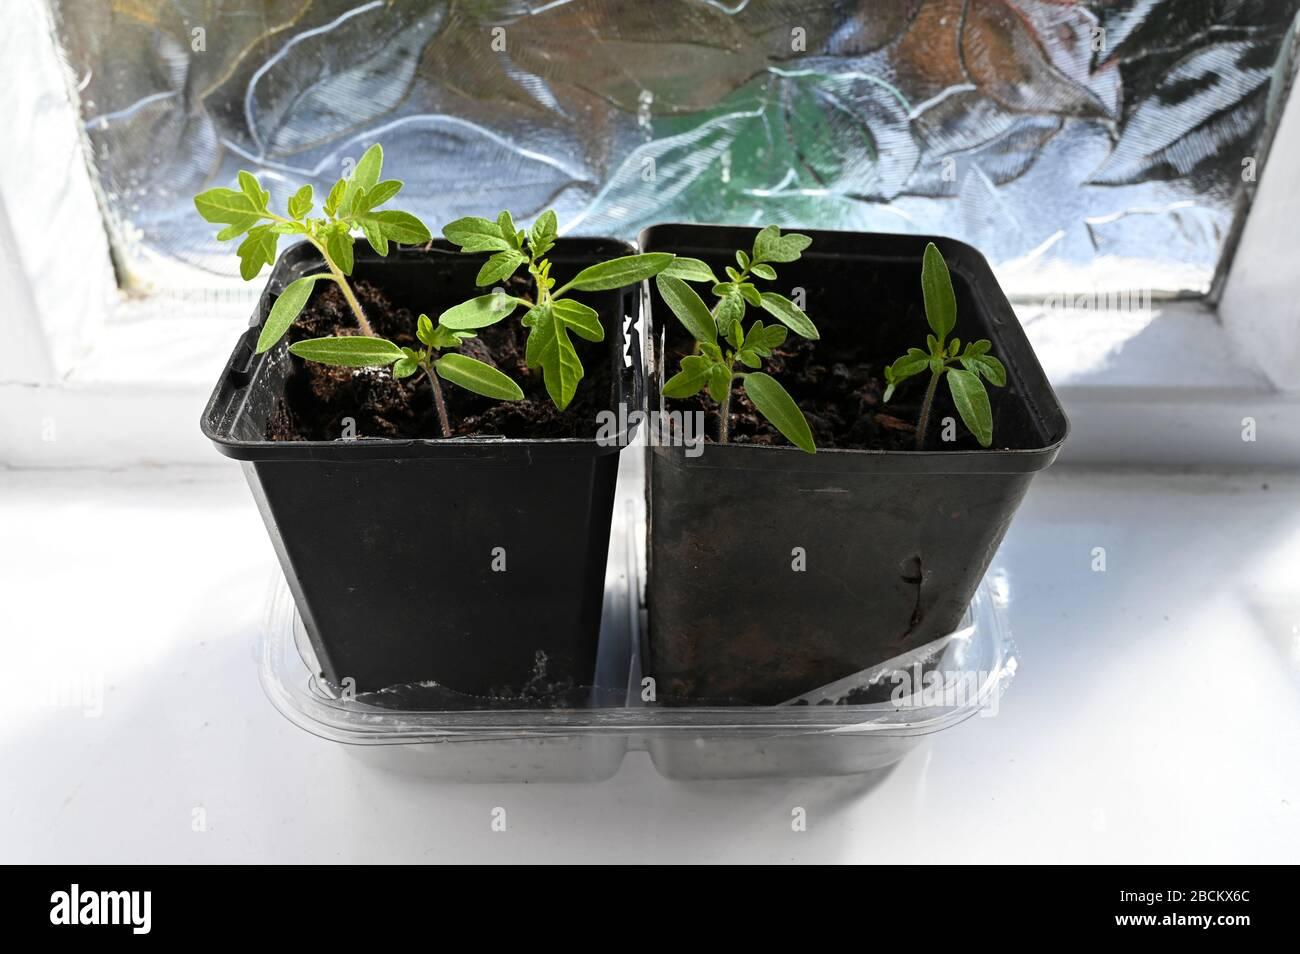 Plantas de tomate que crecen en macetas en un alféizar brillante (Gardeners Delight a la izquierda y Pomodoro a la derecha). Foto de stock